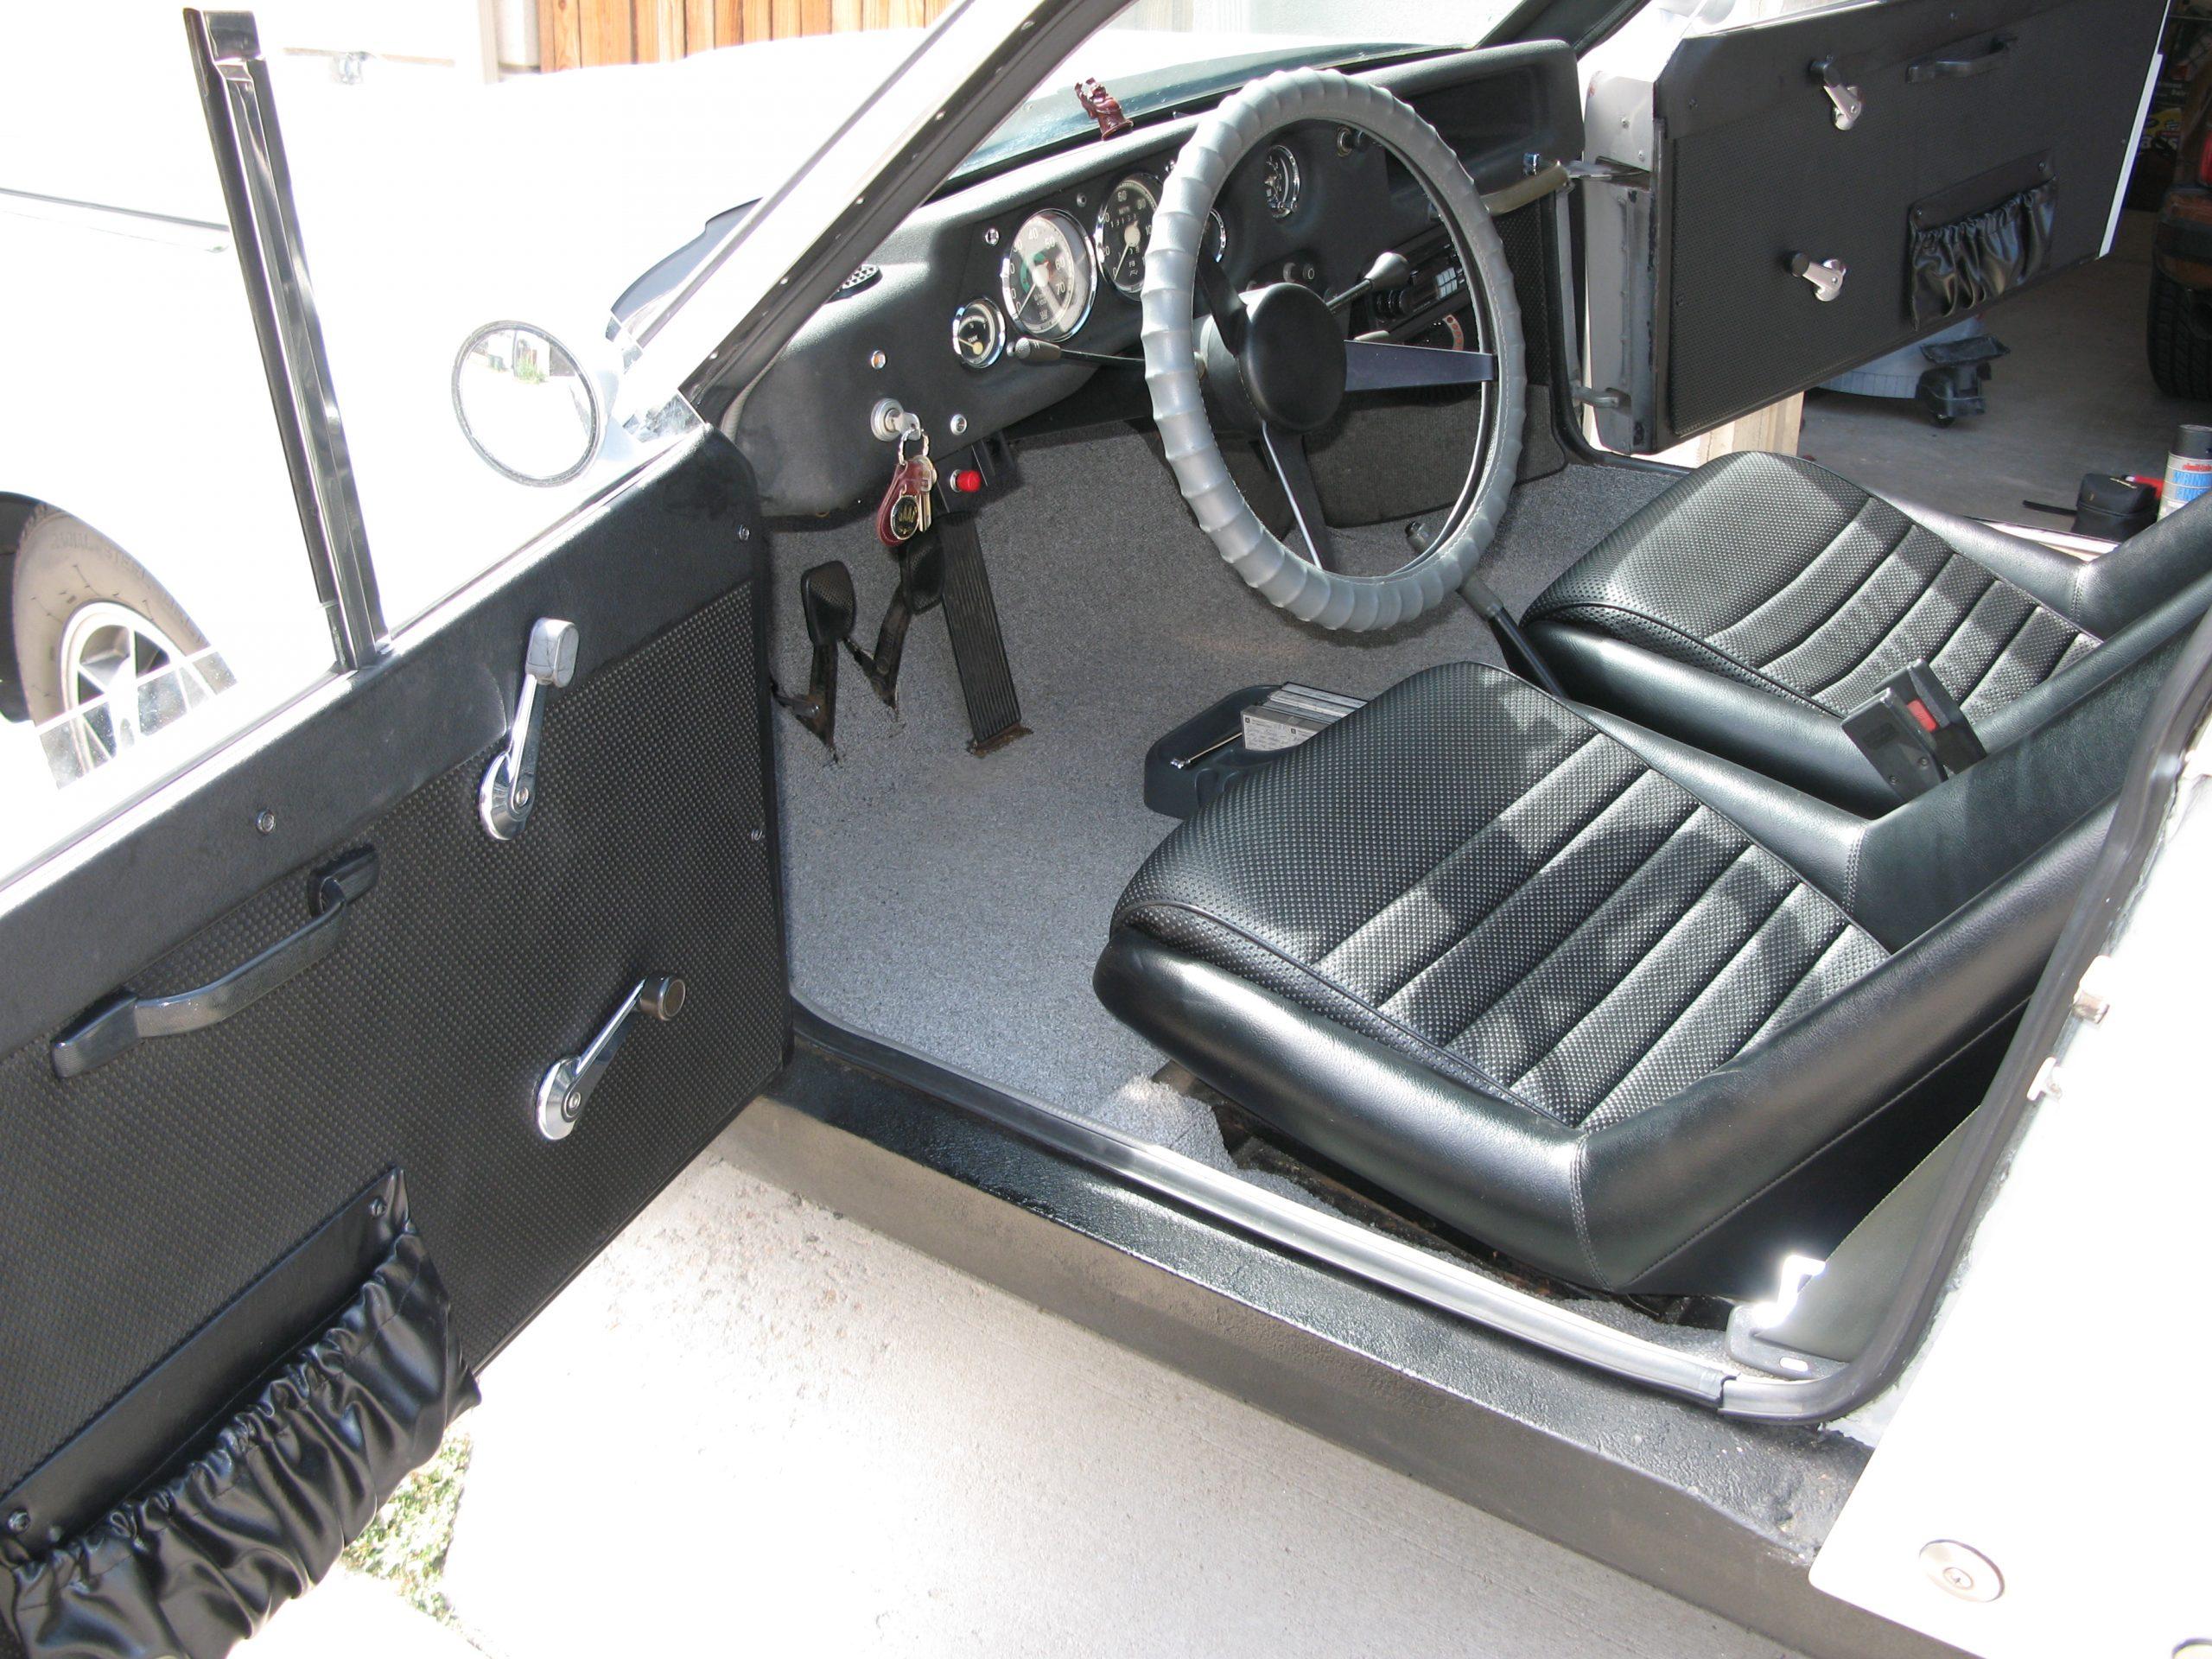 1968 SAAB Sonett V4 interior